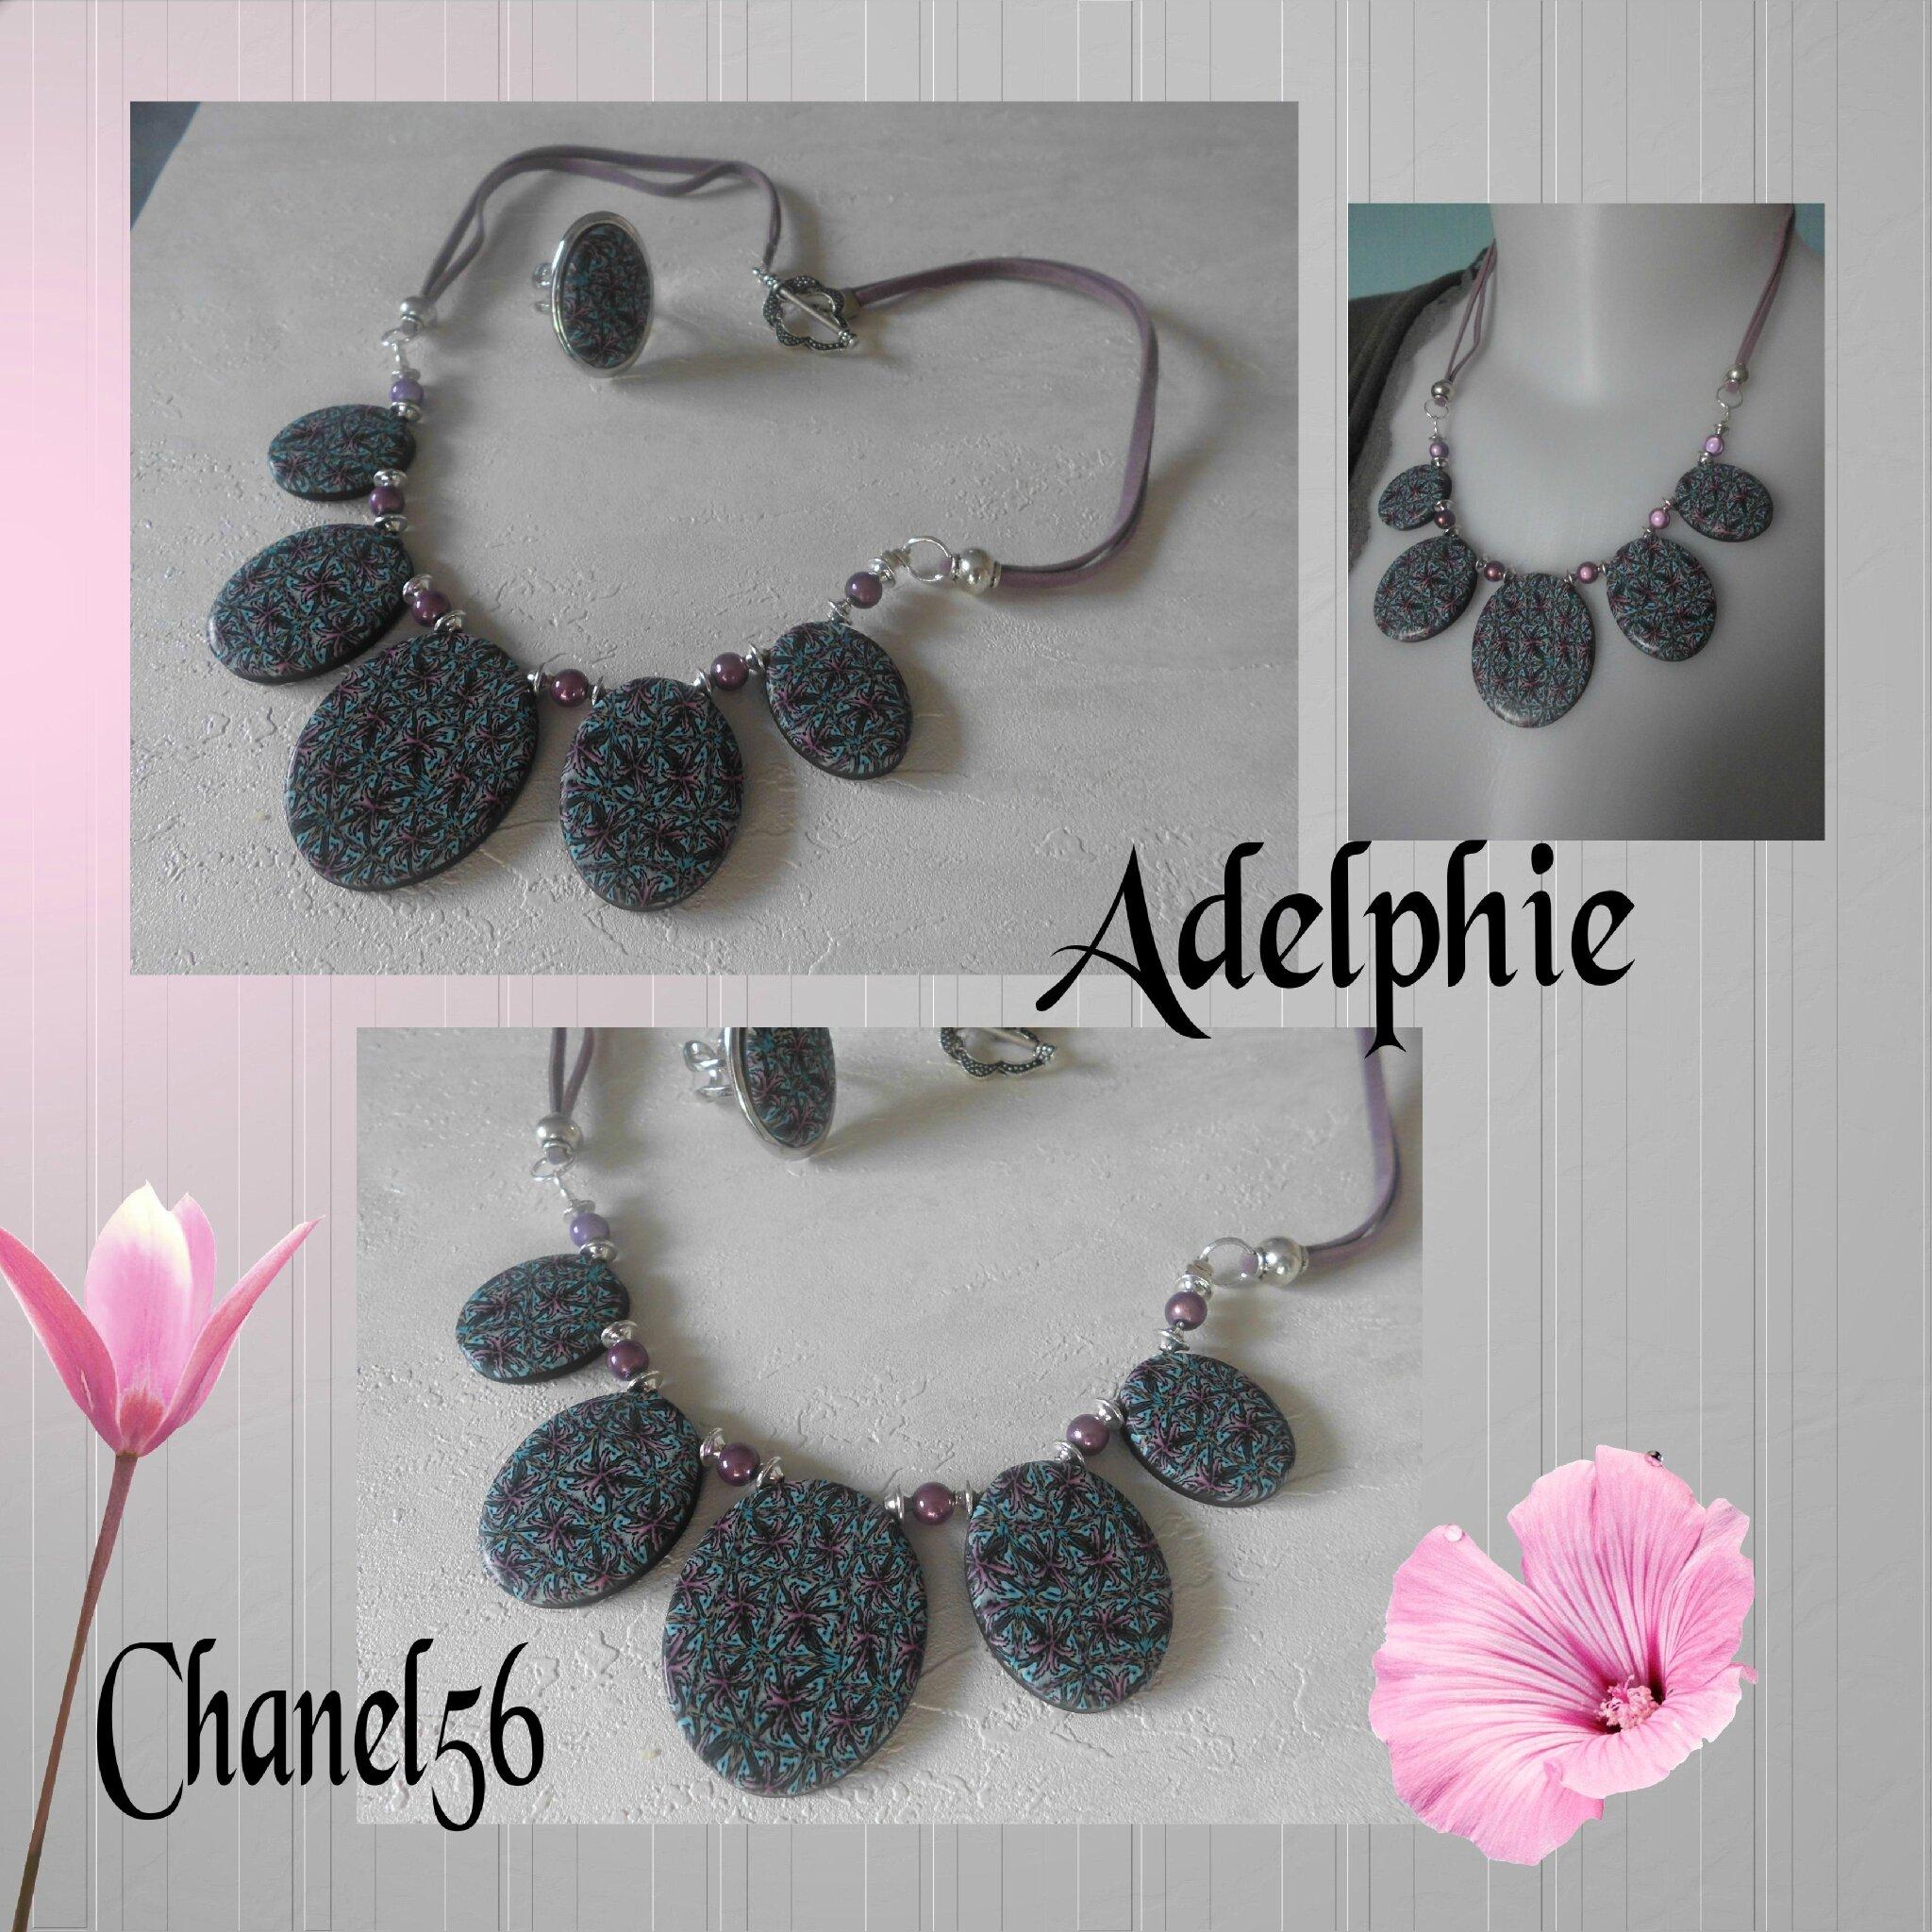 Adelphie